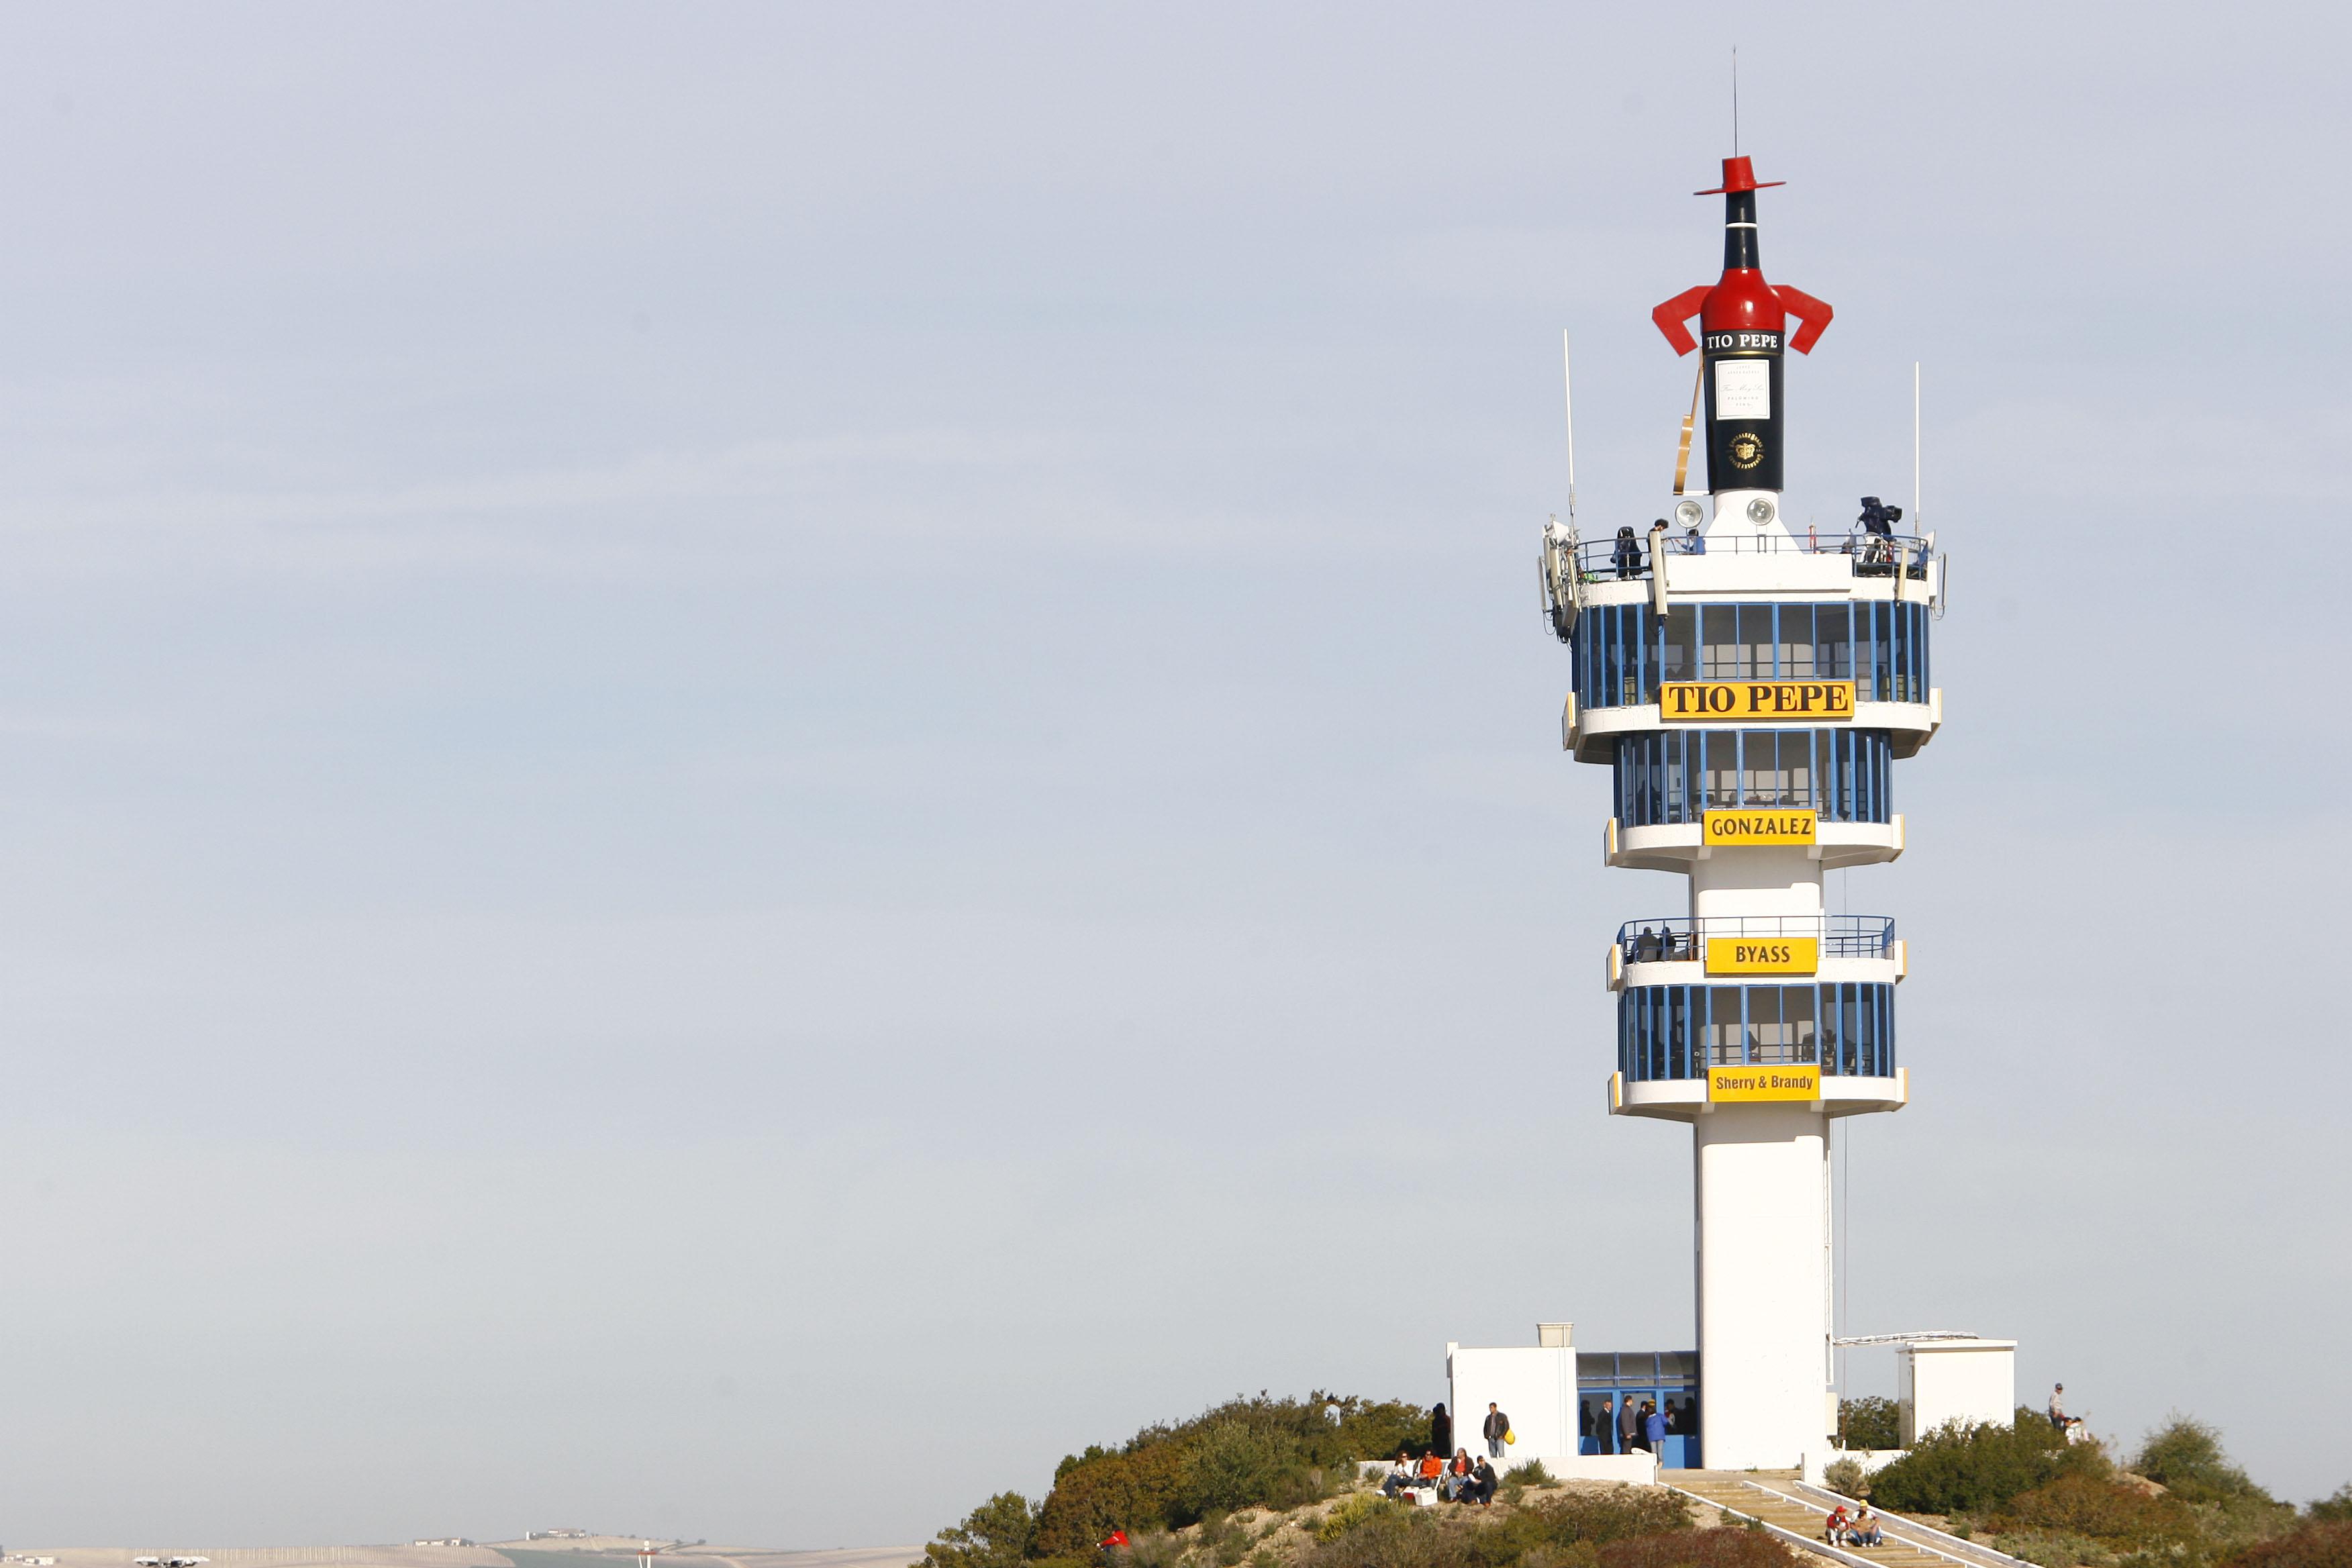 Jornadas de Puertas Abiertas en el Circuito de Jerez